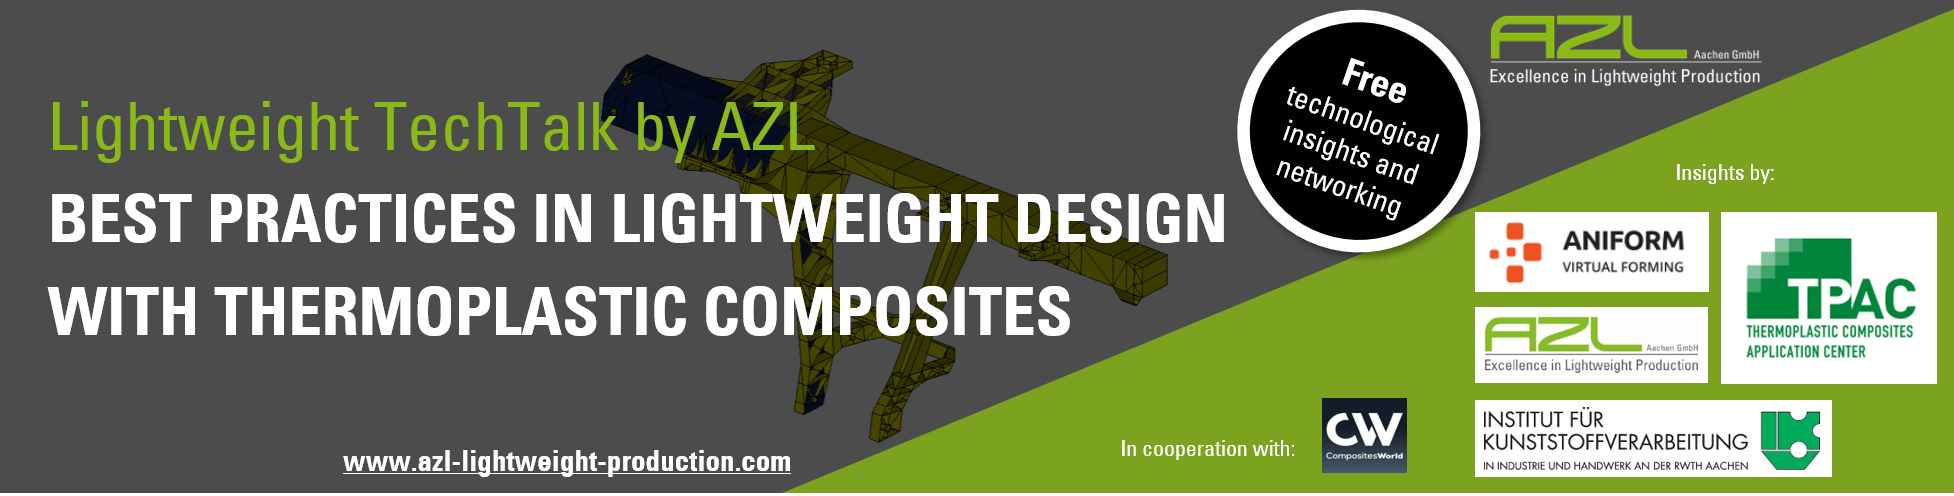 AZL Lightweight TechTalk